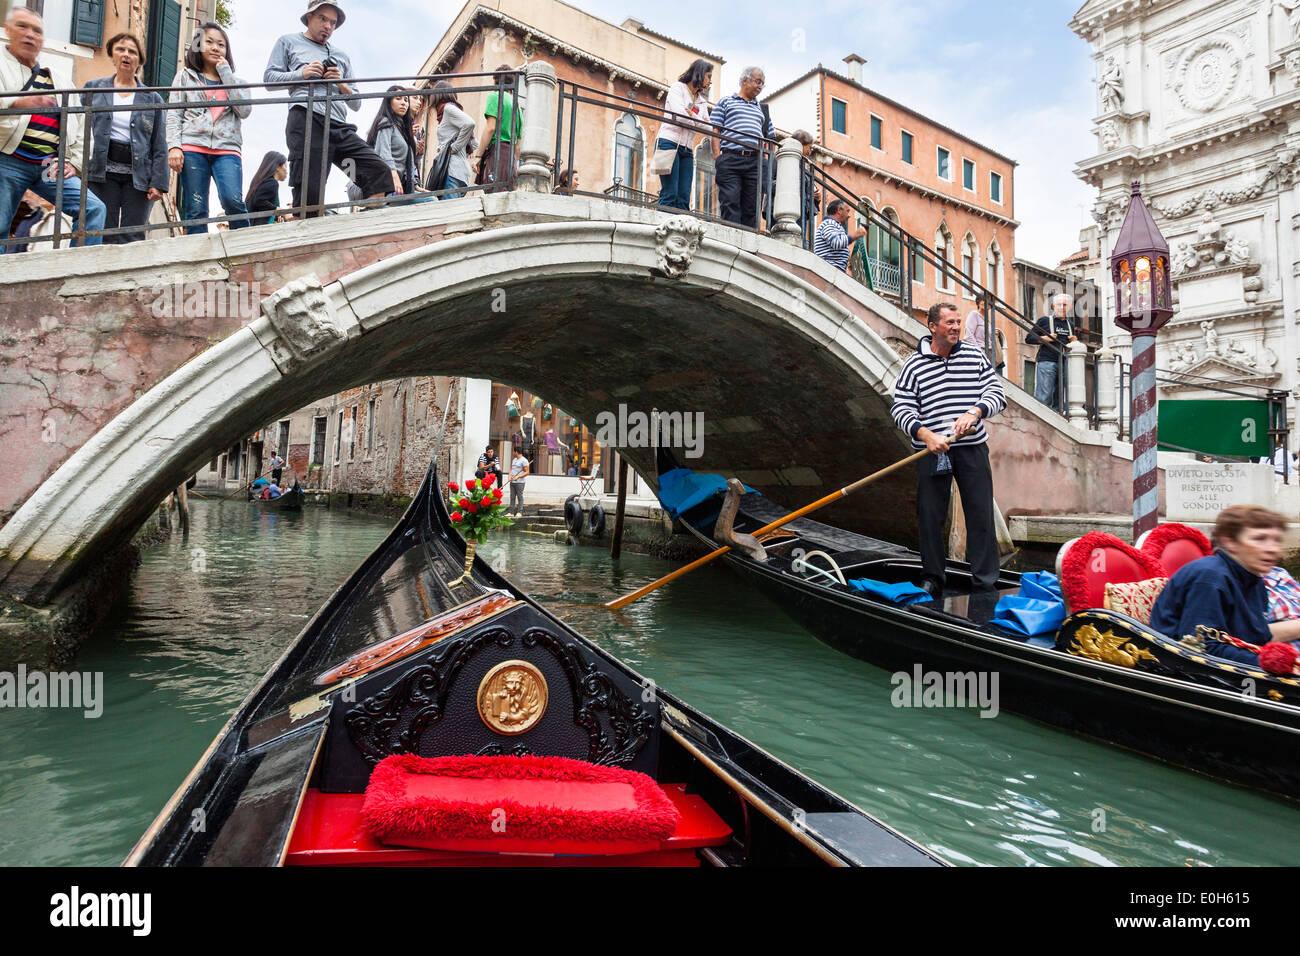 En góndola por los canales de Venecia, Venecia, Italia, Europa Imagen De Stock